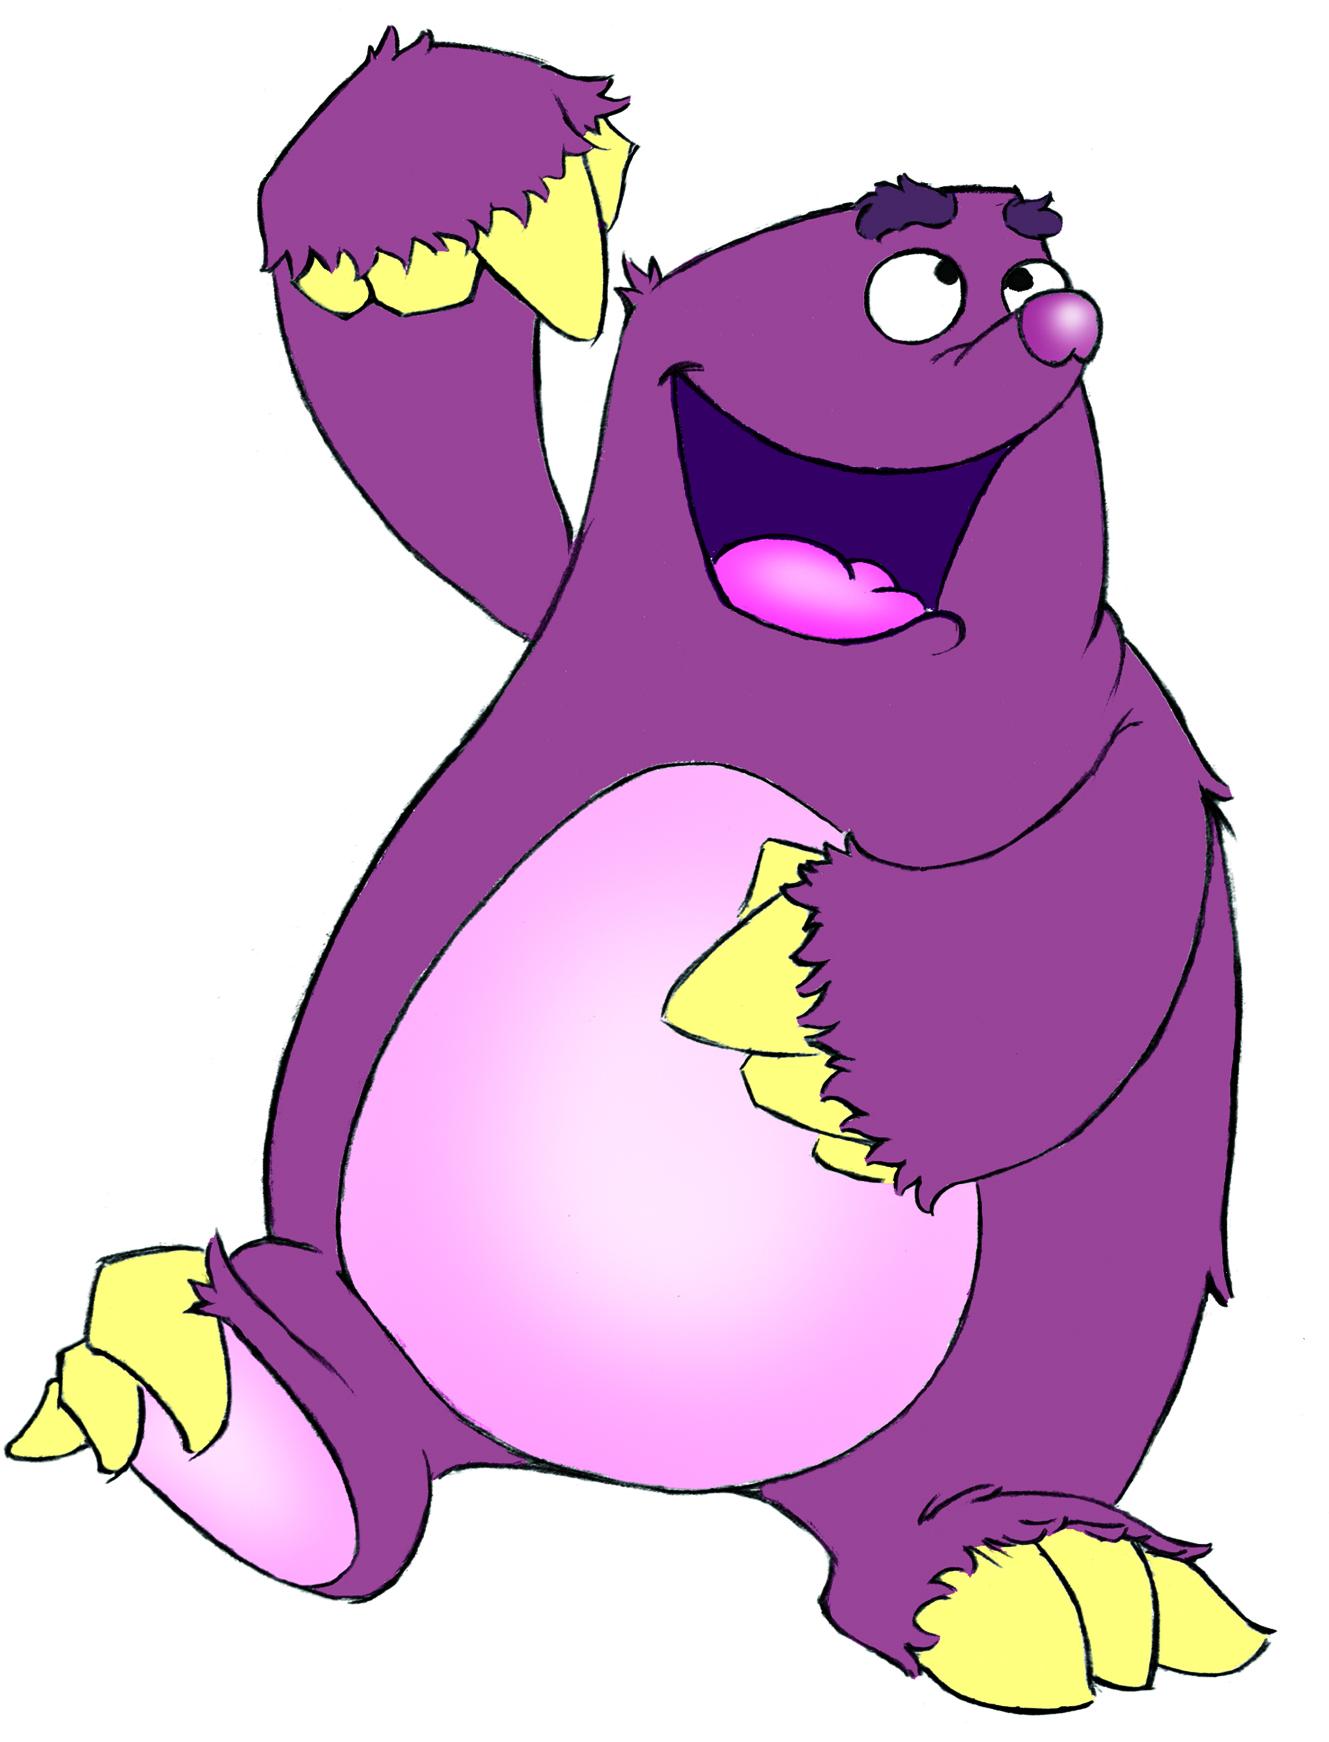 The Disney Channel: Seymour the Schmole